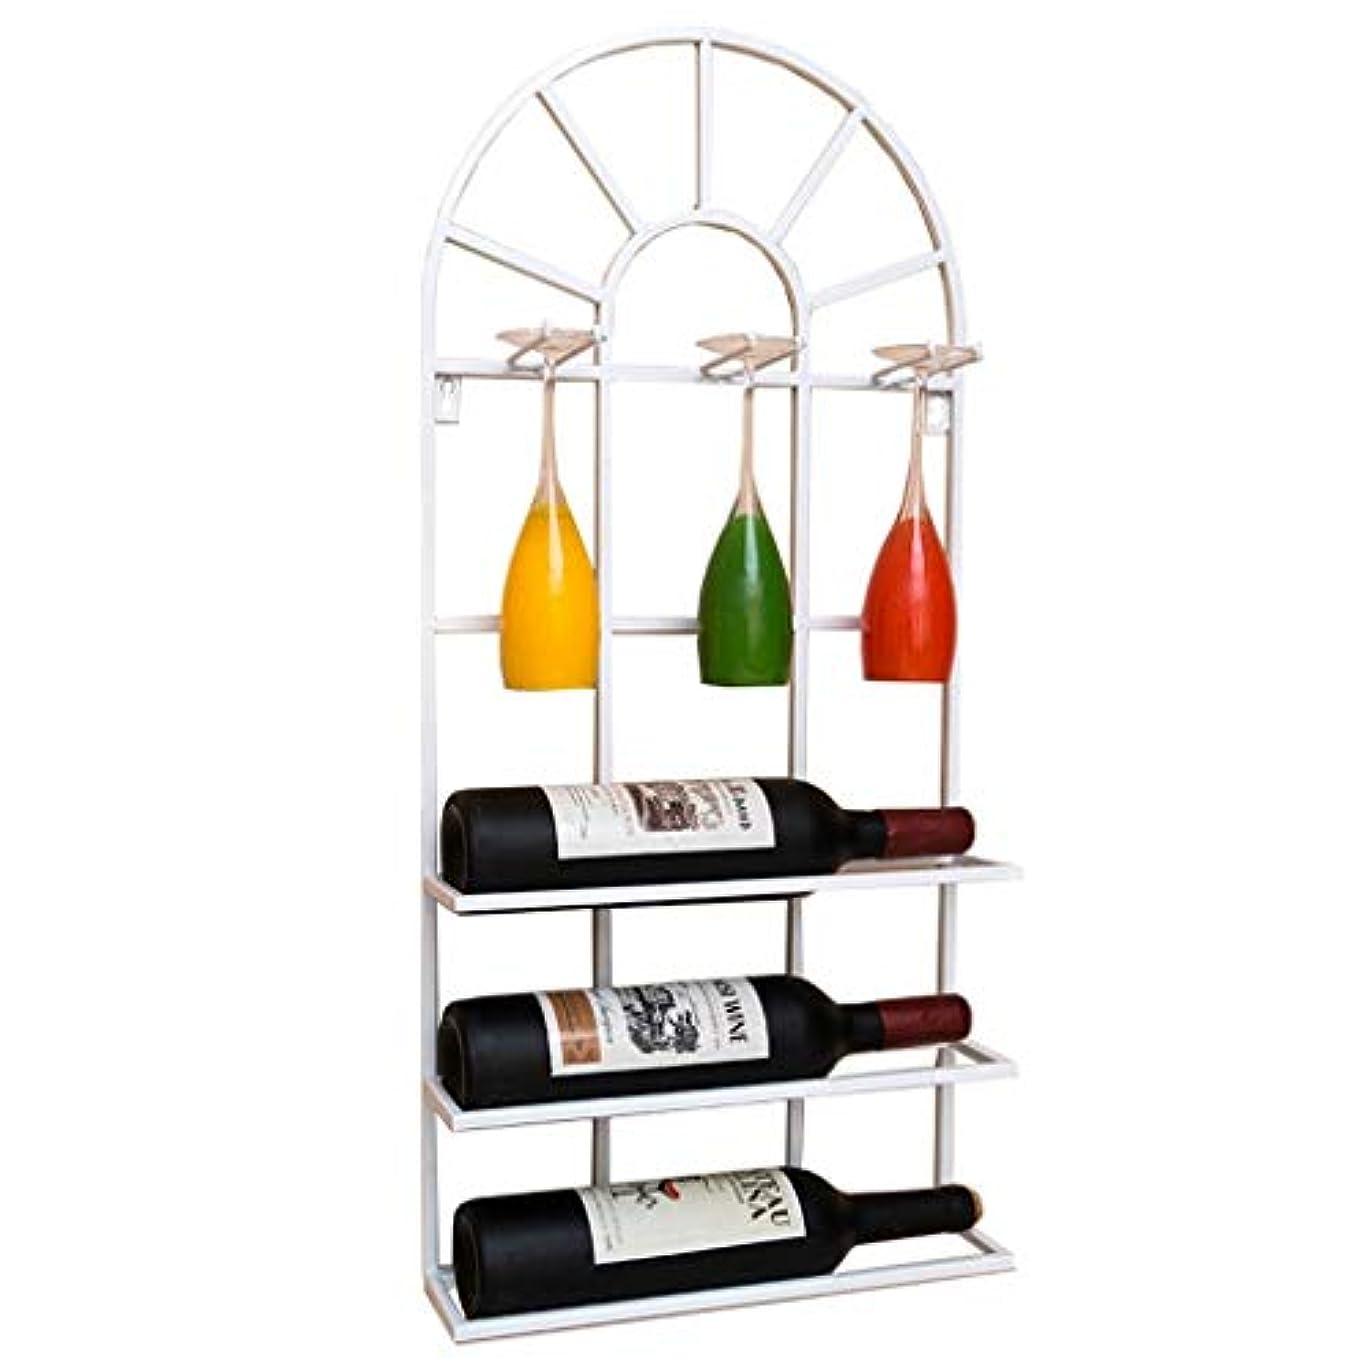 性格キャンドルバイオレットロフト壁掛け棚金属鉄壁掛けストレージワインラックワインボトルとグラスホルダーフレームワインステムウェアホルダーゴブレットラック-35 * 9 * 75cm(3色)(色:白)